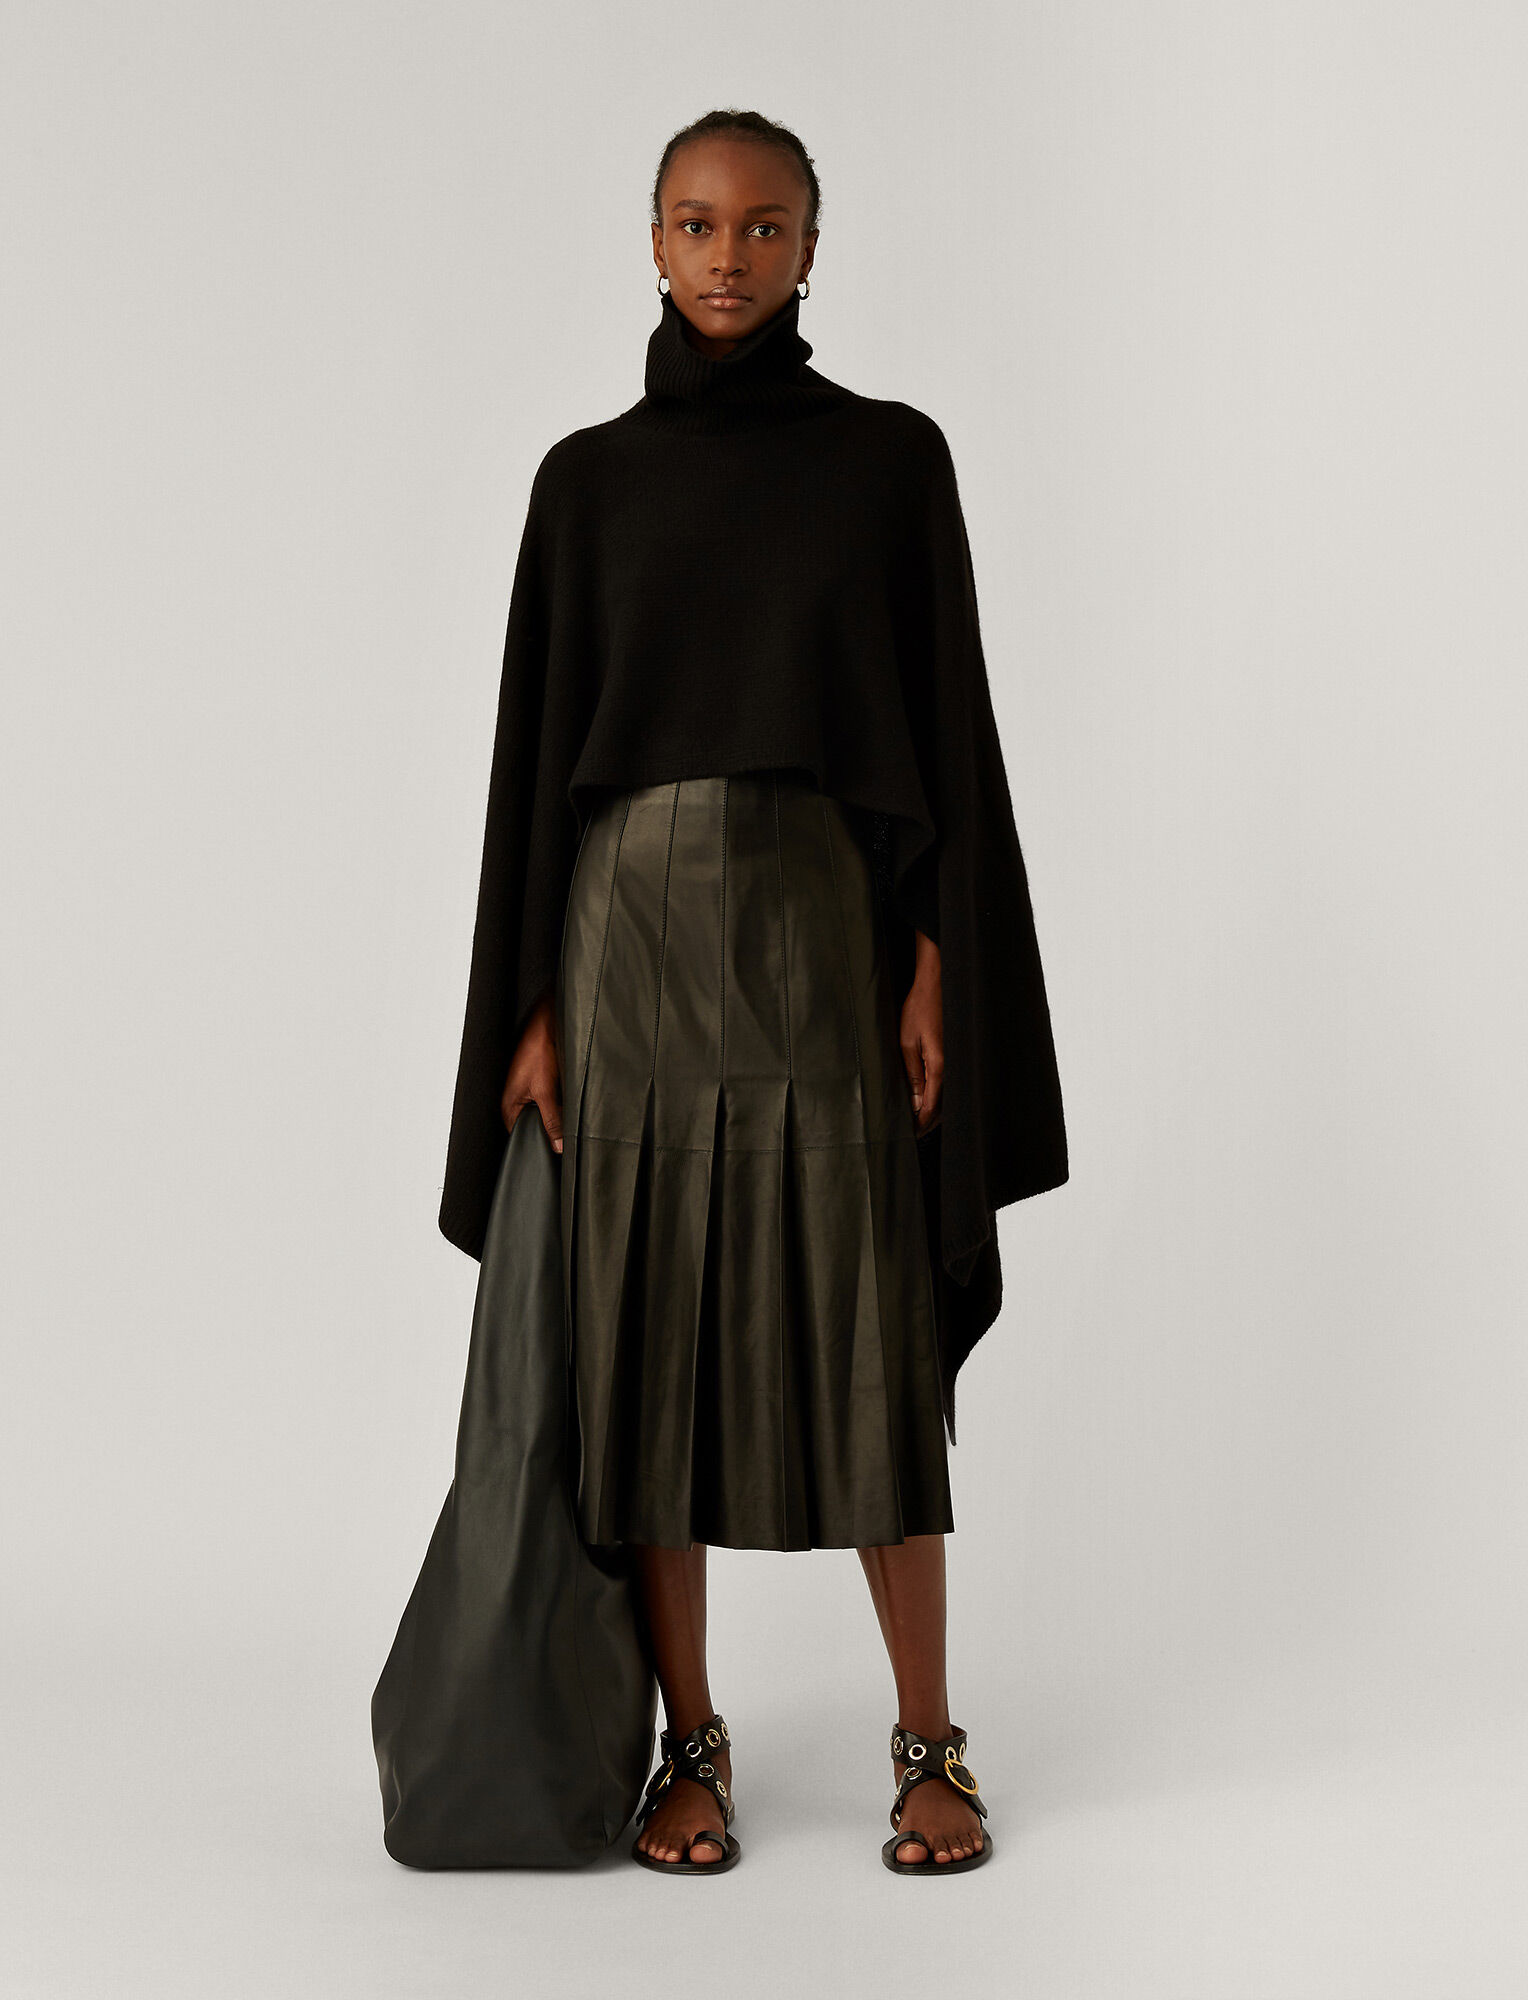 Joseph, Poncho Luxe Cashmere Knit, in Black